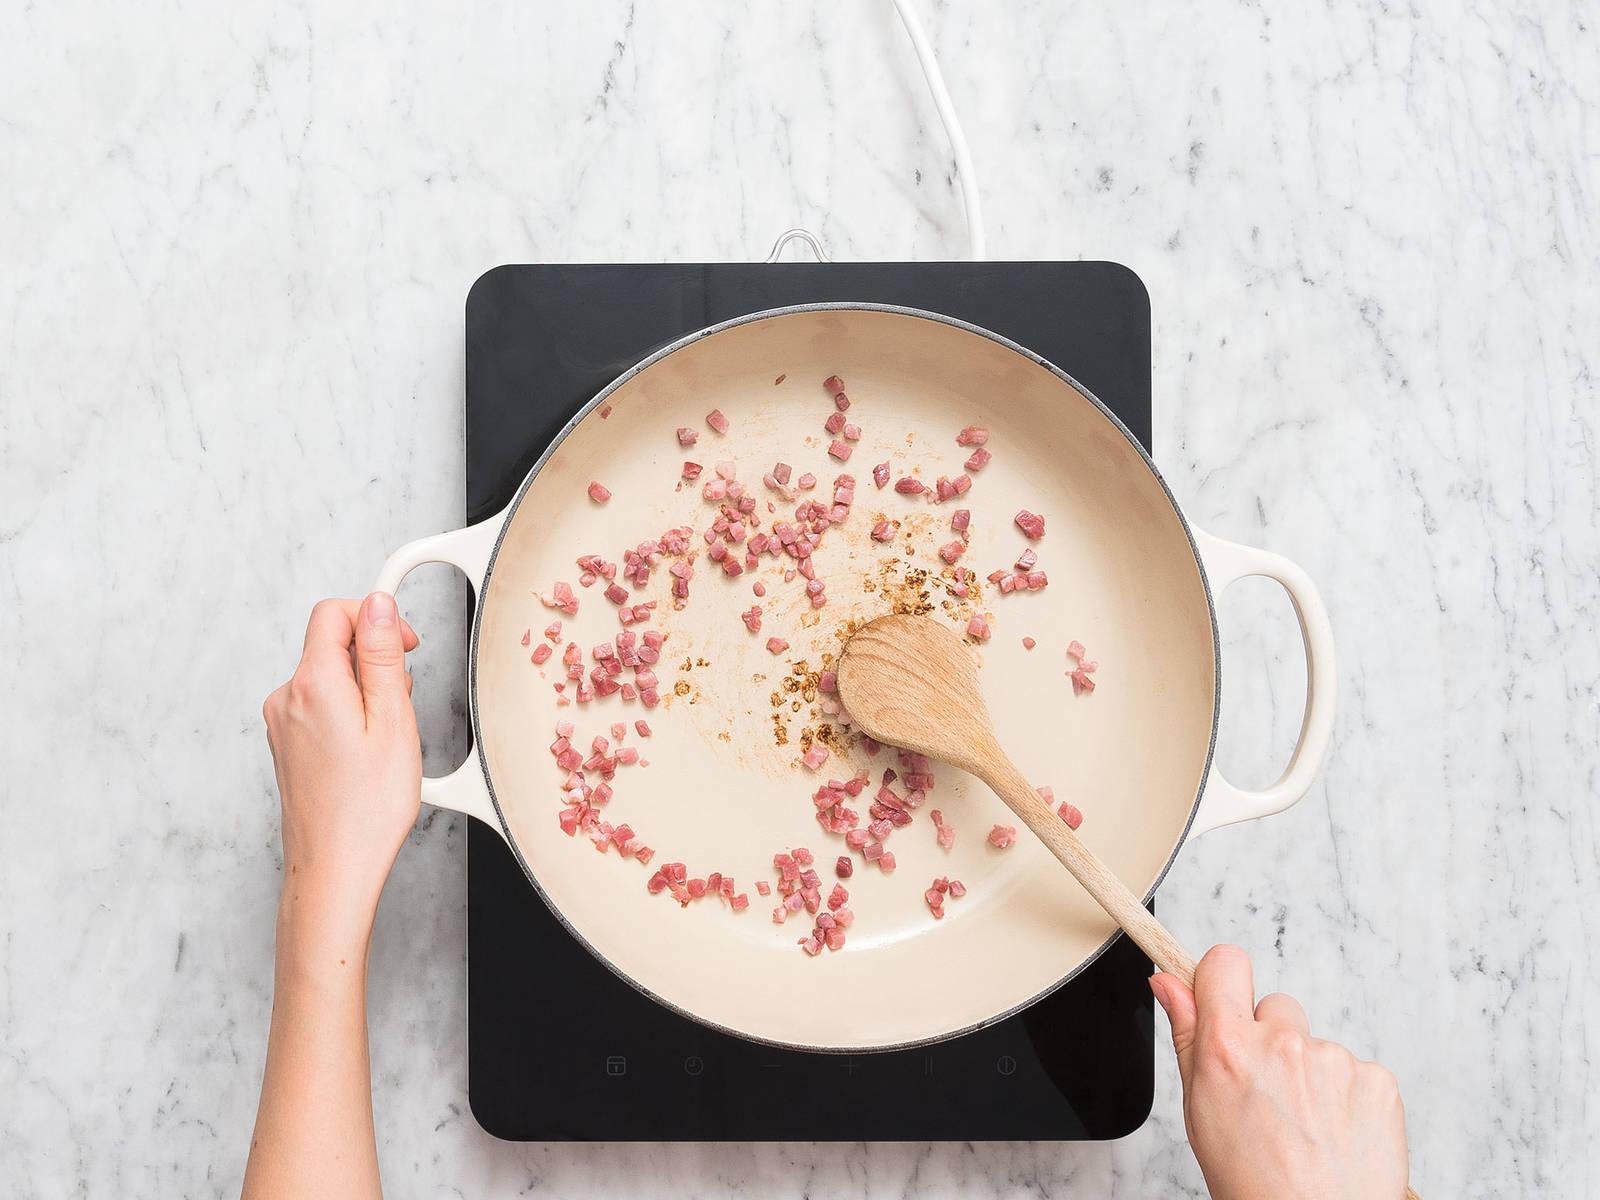 将烤箱预热至200℃。将石榴籽挖出,置于一旁。欧芹和薄荷剁碎,置于一旁。清洗土豆,切成楔形。胡萝卜和洋葱削皮后切成四瓣。在一个大耐热锅中,中高火煎培根丁4-5分钟,或直至焦脆。从锅中倒出,置于一旁。